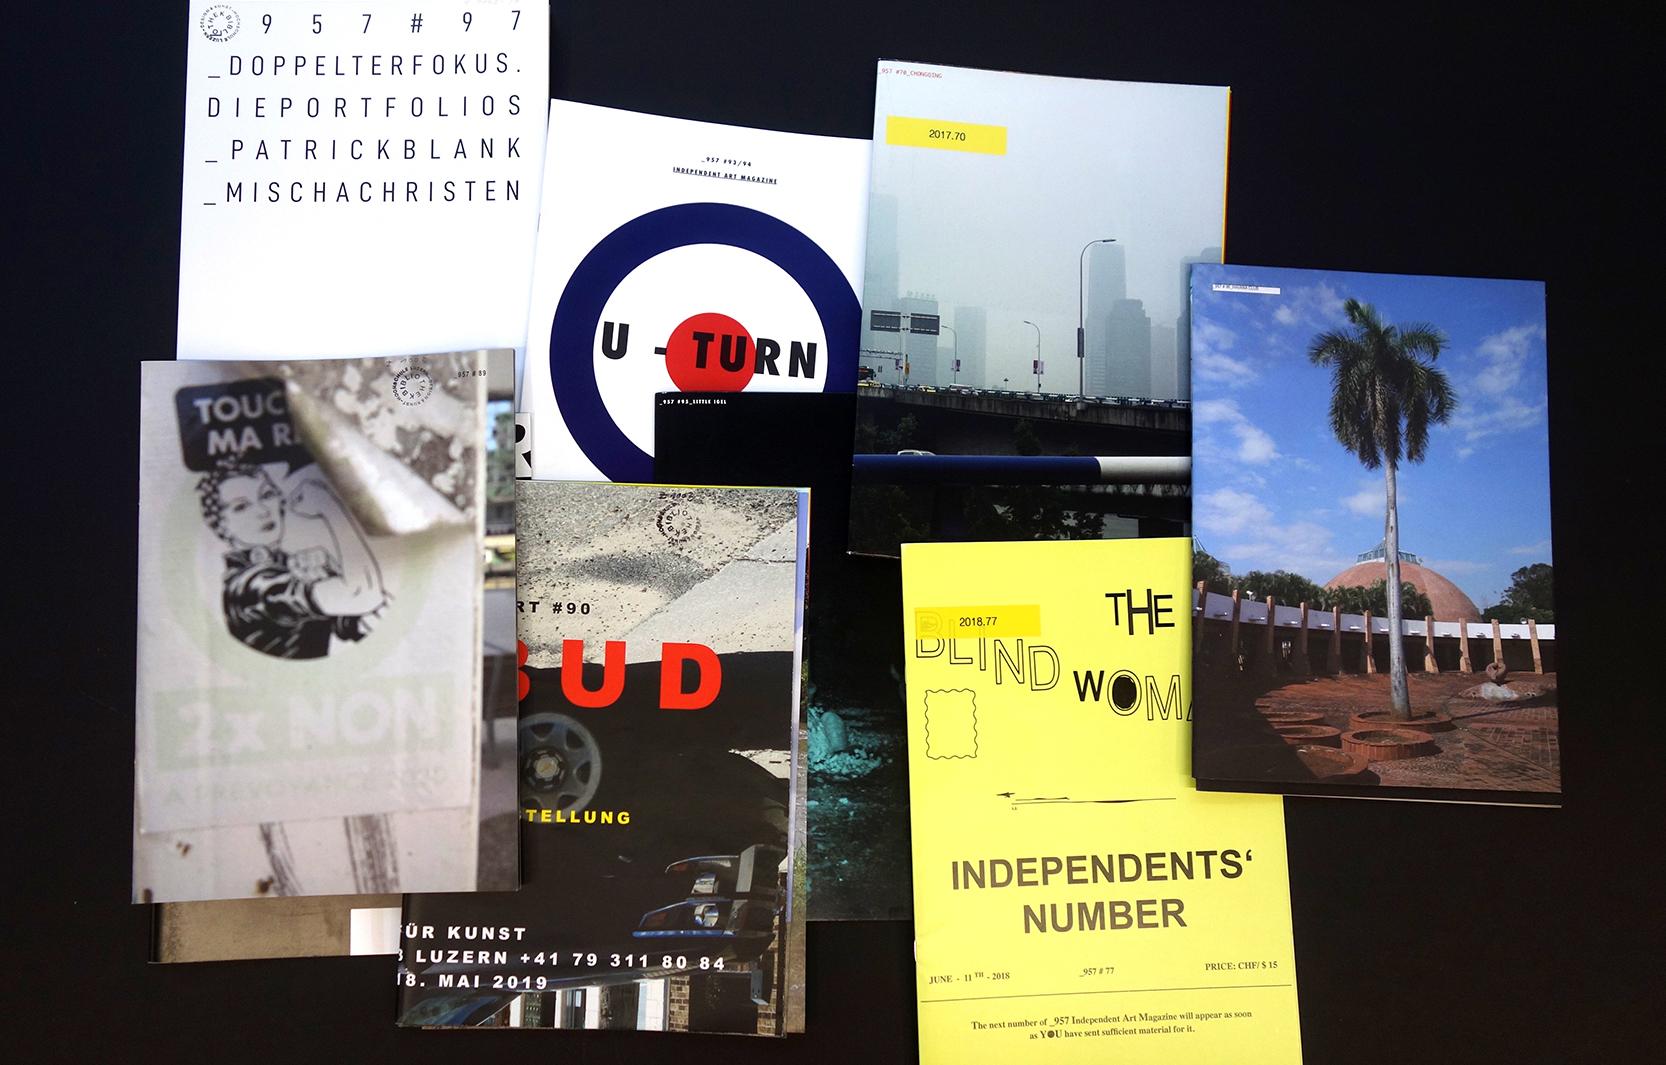 Das Independent Art Magazine _957 – explodierende Bilder und kooperative Expression